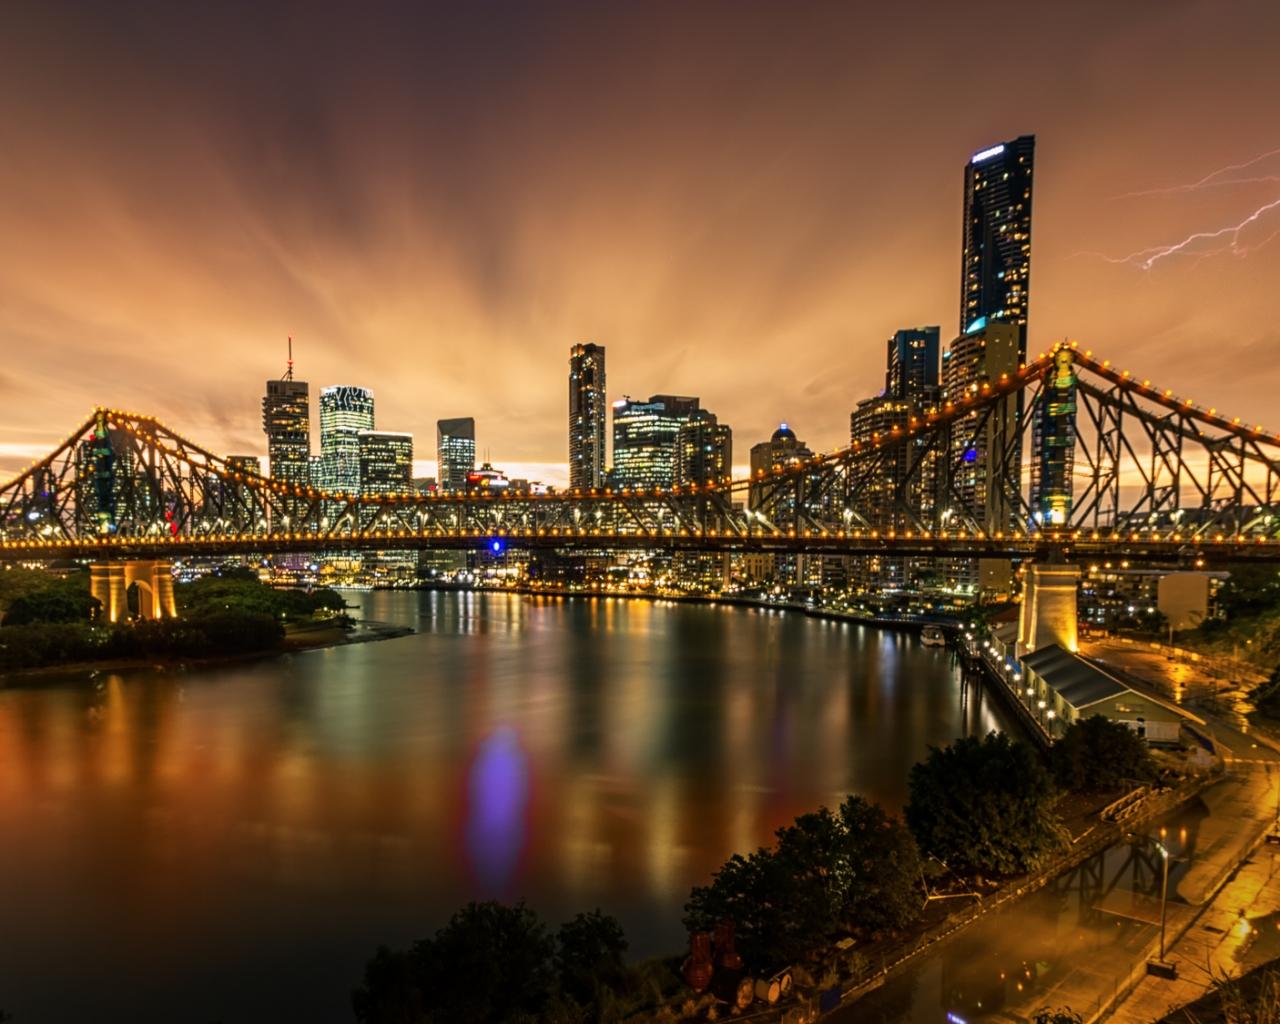 Fotografía de puentes y rayos - 1280x1024